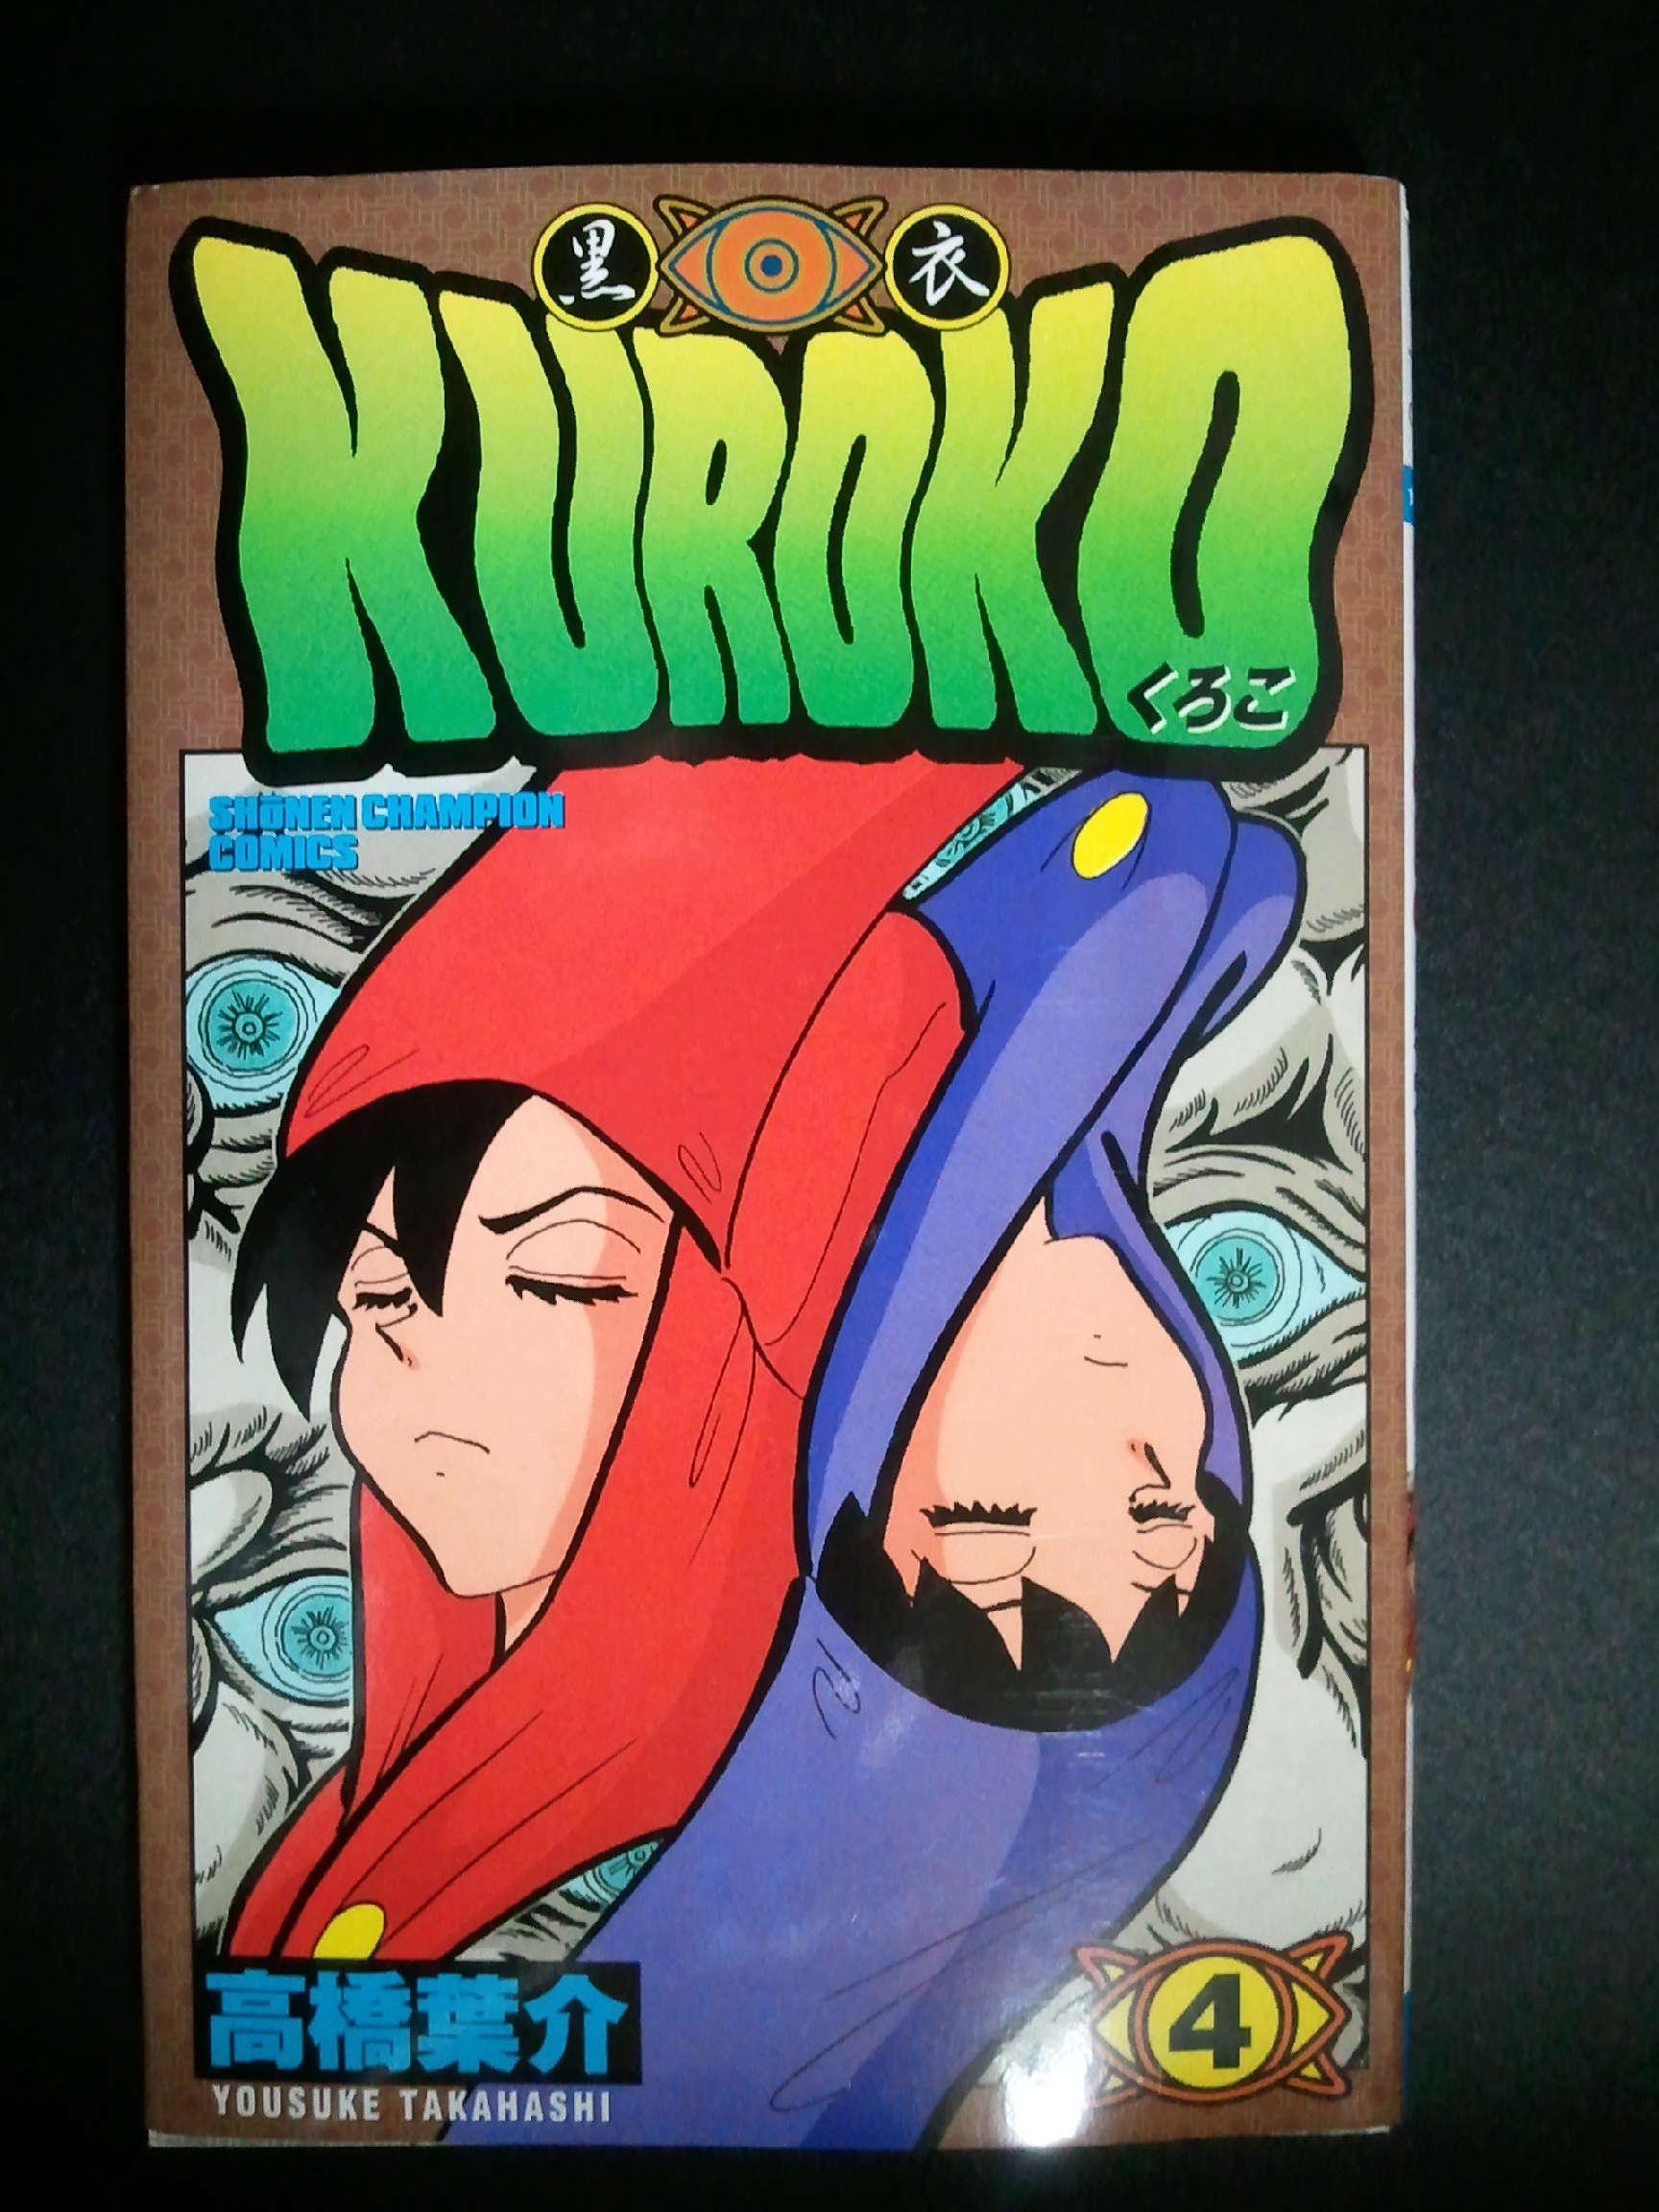 KUROKO 黒衣4